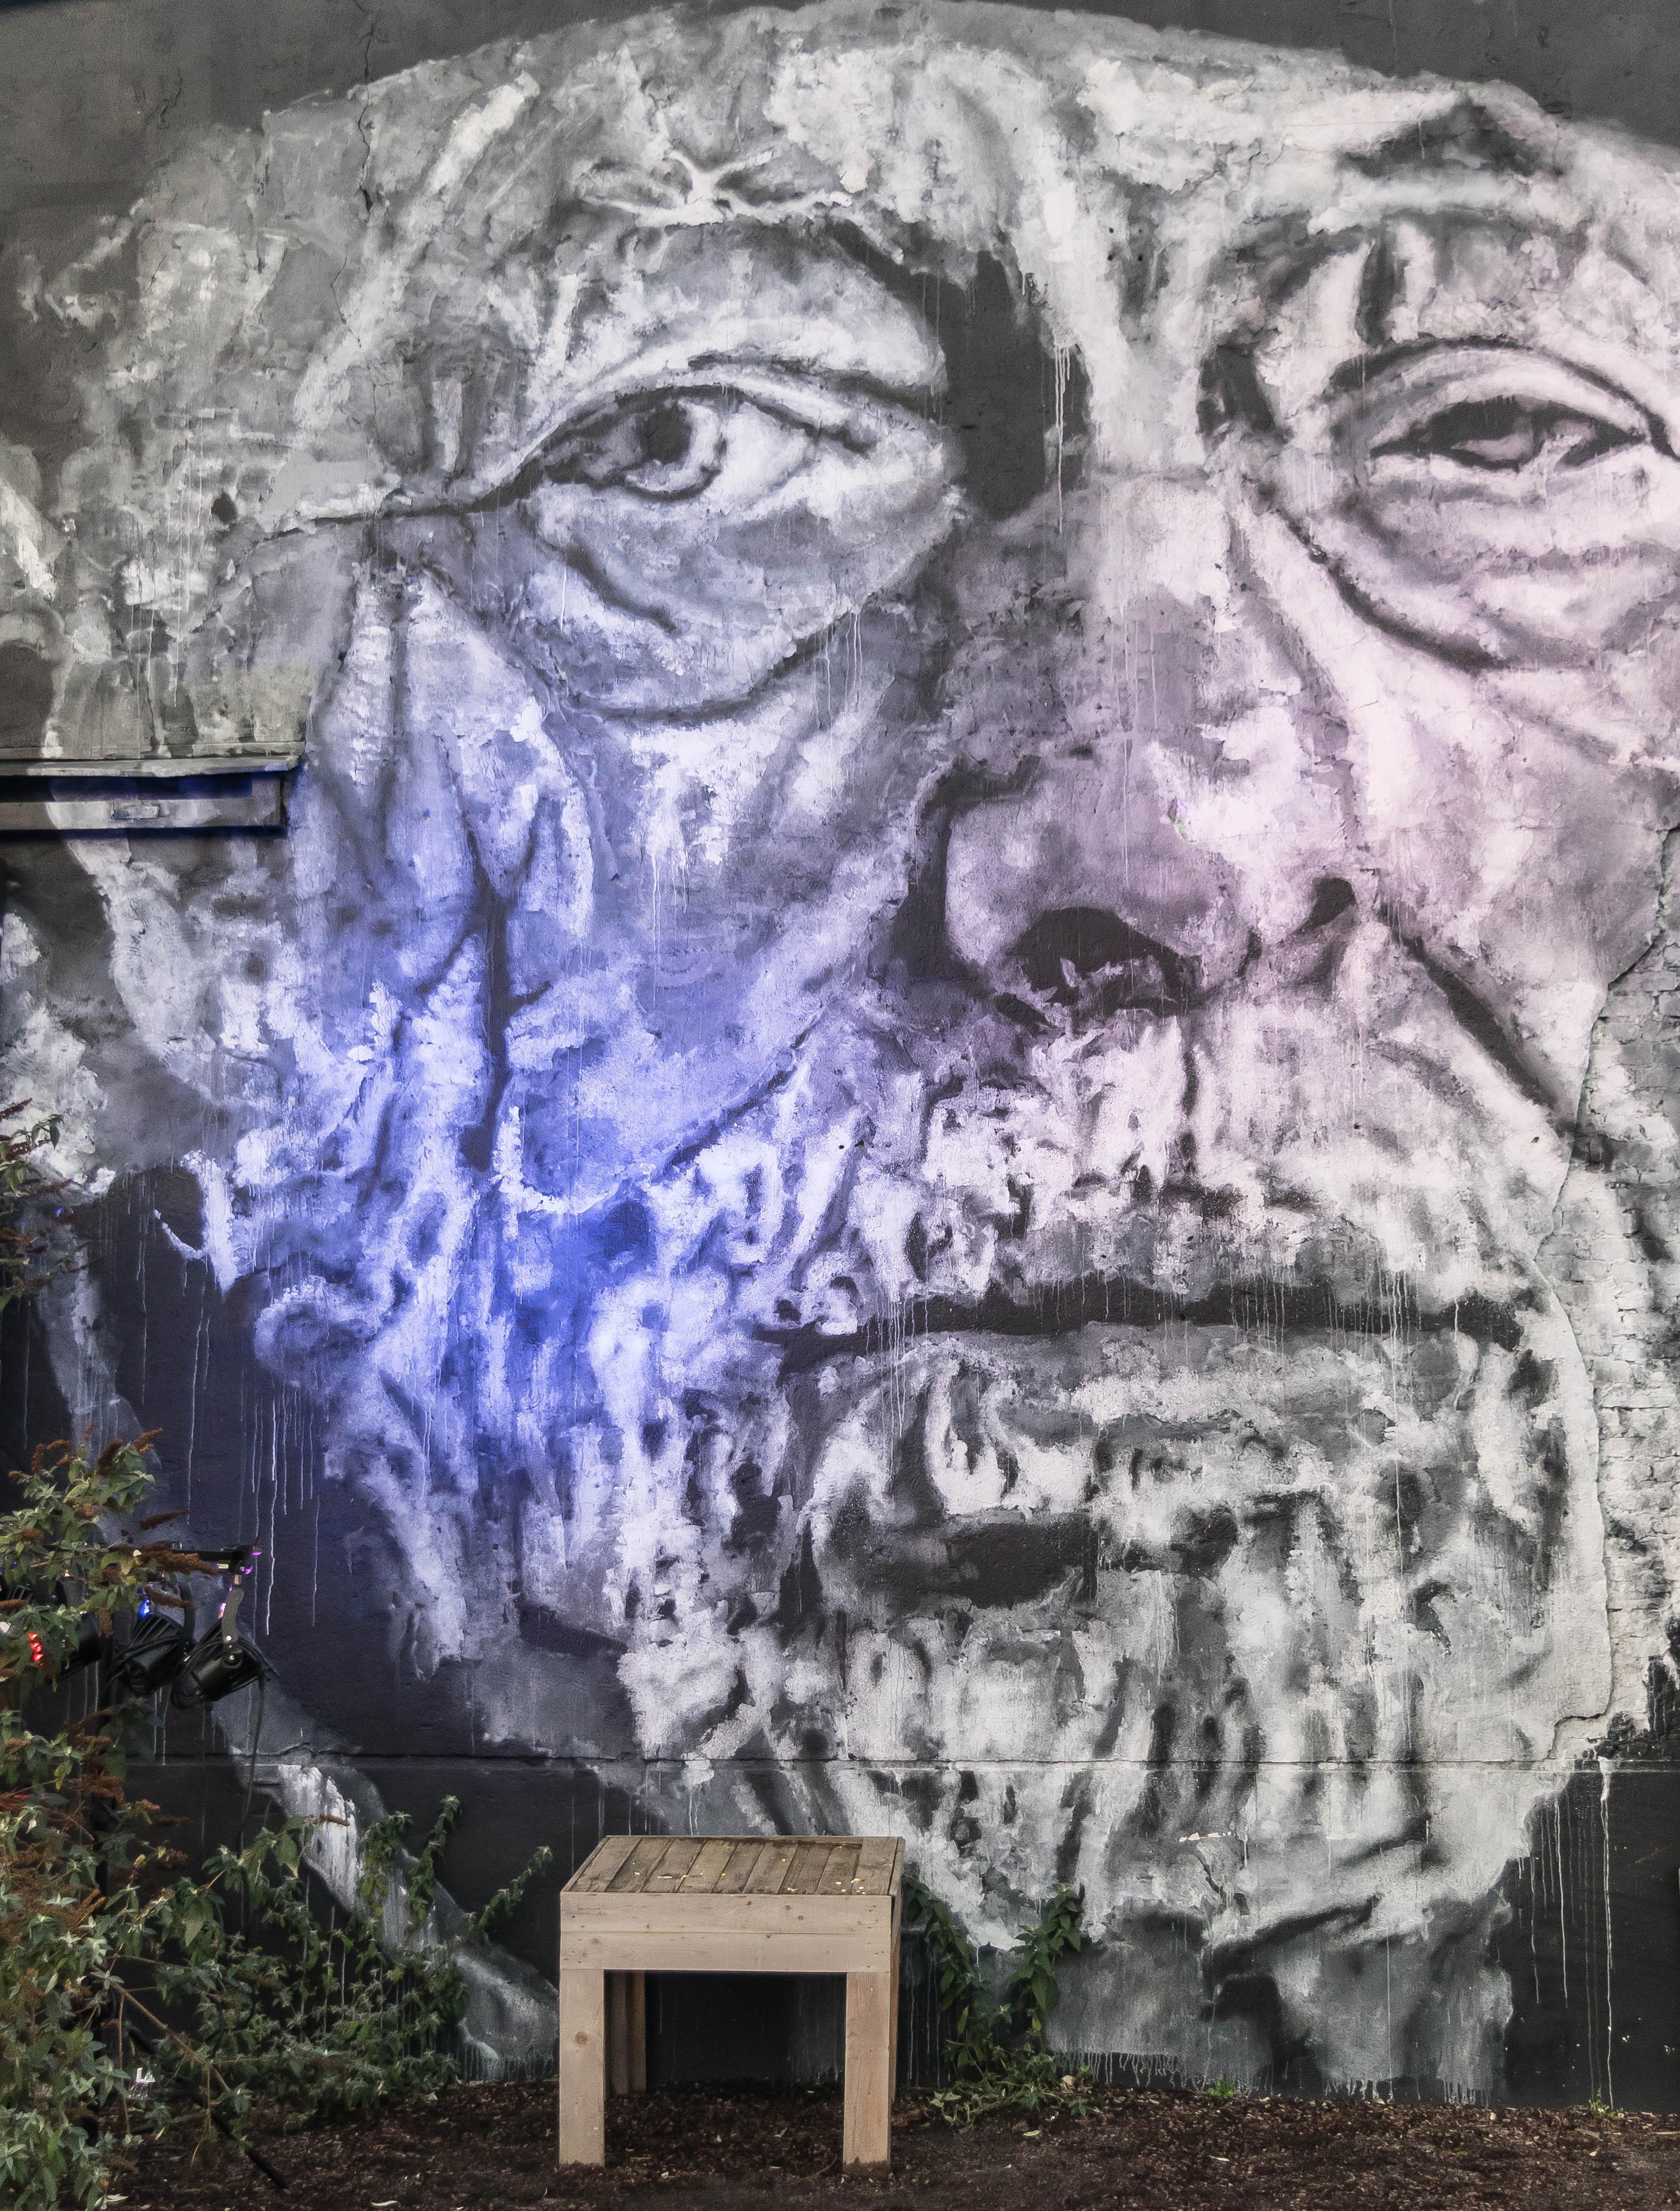 Fotoğraf Duvar Portre Cephe Yaşlı Adam Boyama Sokak Sanatı